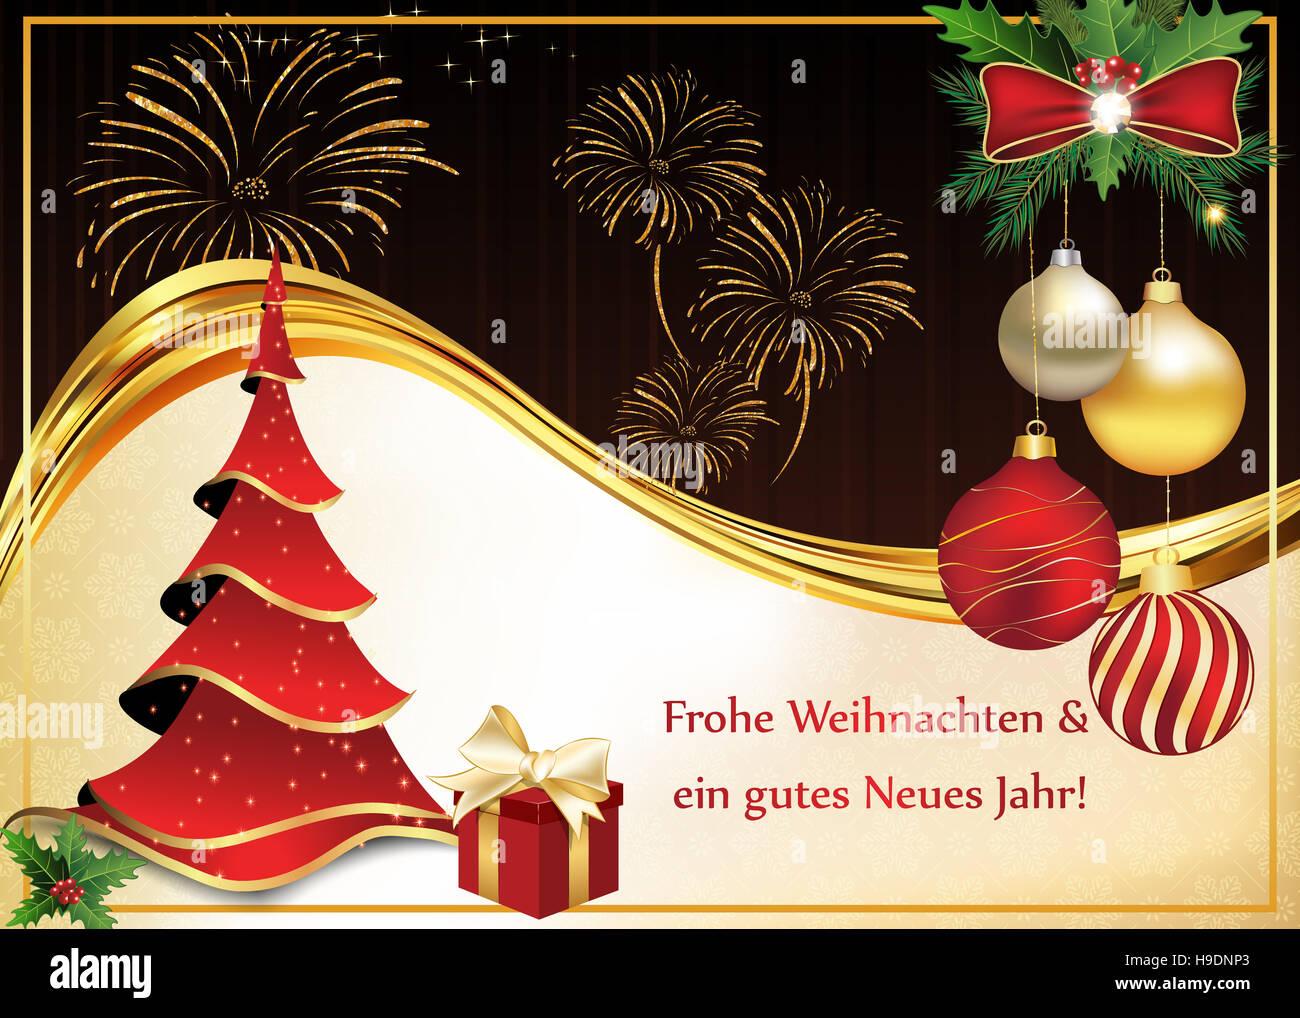 Frohe Weihnachten Und Ein Neues Jahr.Frohe Weihnachten Und Ein Gutes Neues Jahr Grusskarte Stock